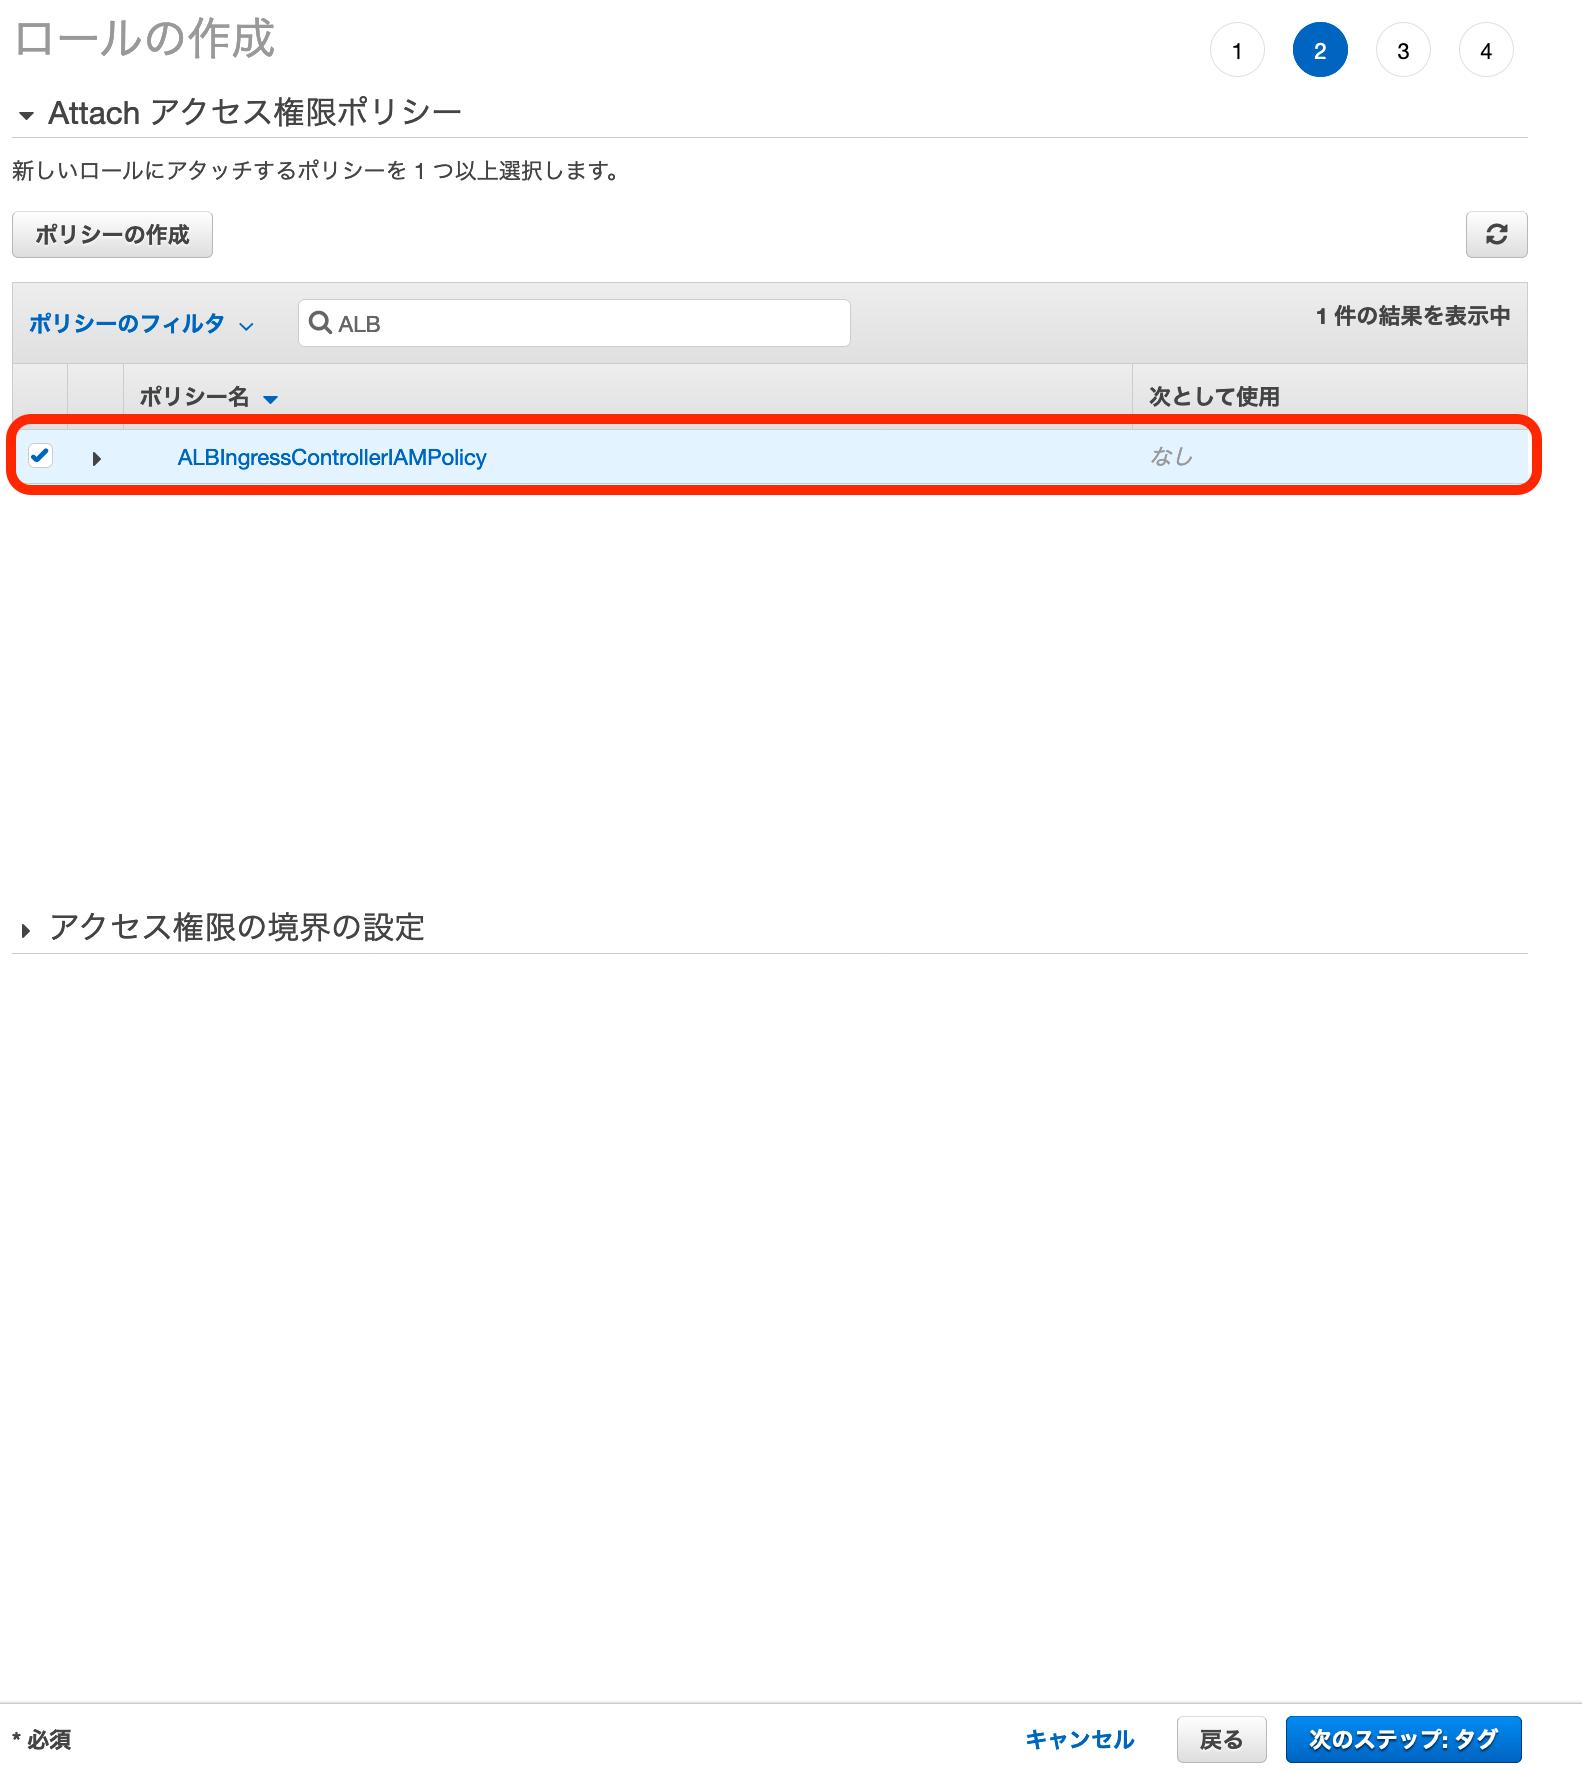 スクリーンショット 2020-03-08 18.48.31.png